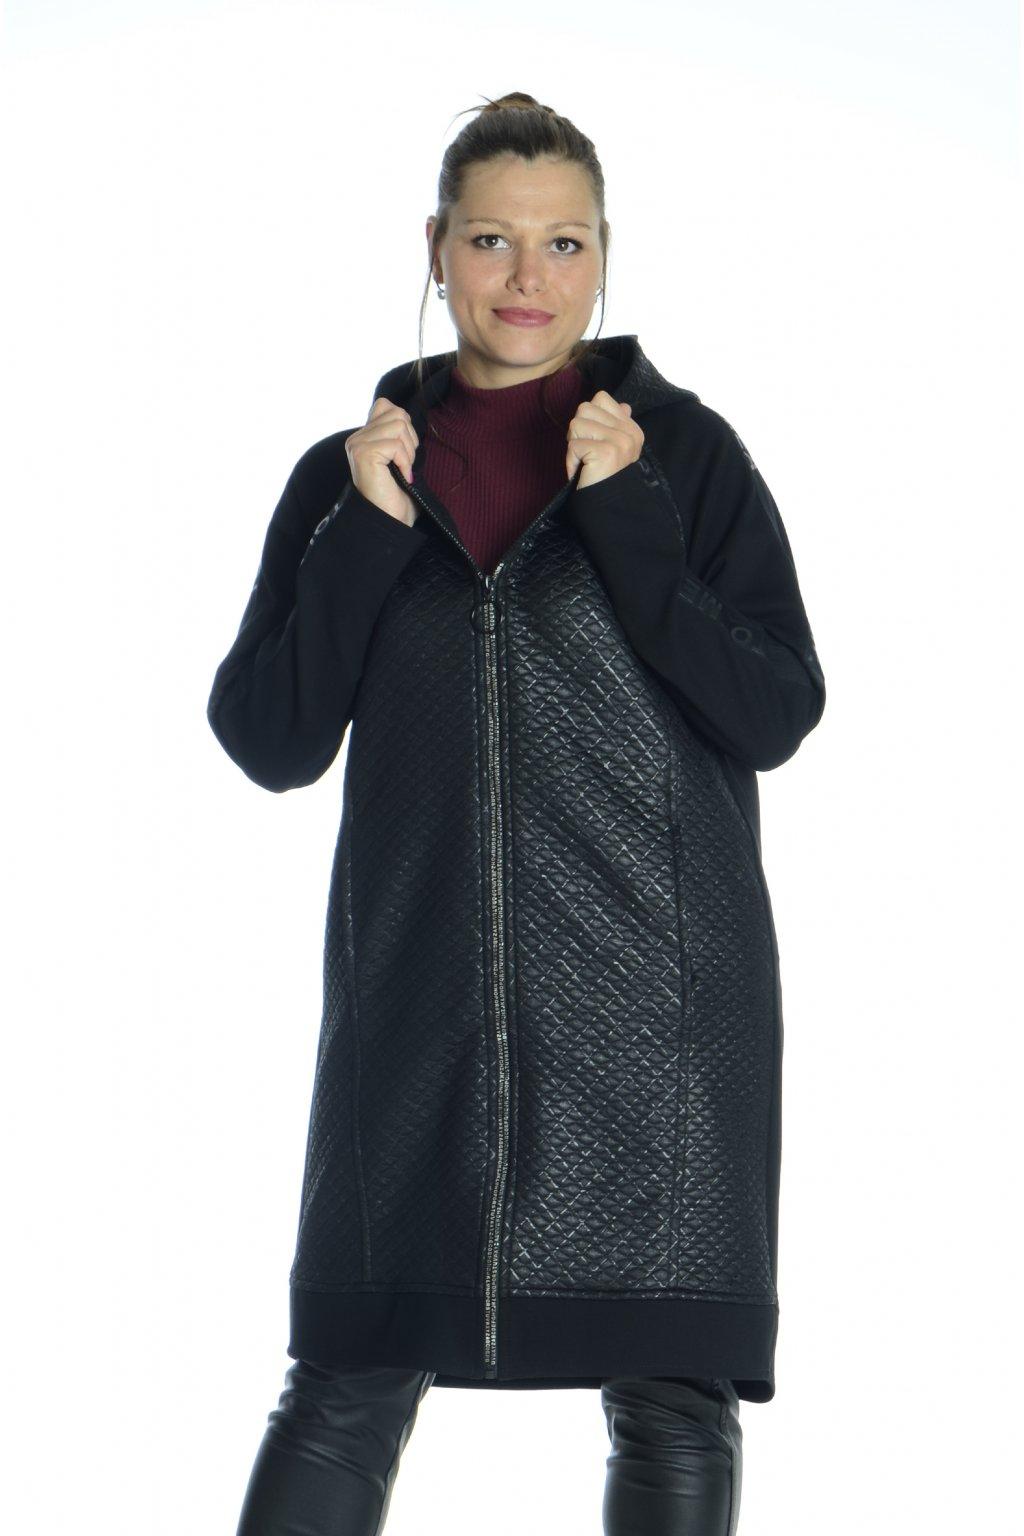 6321 Kabátek Charm černá o246